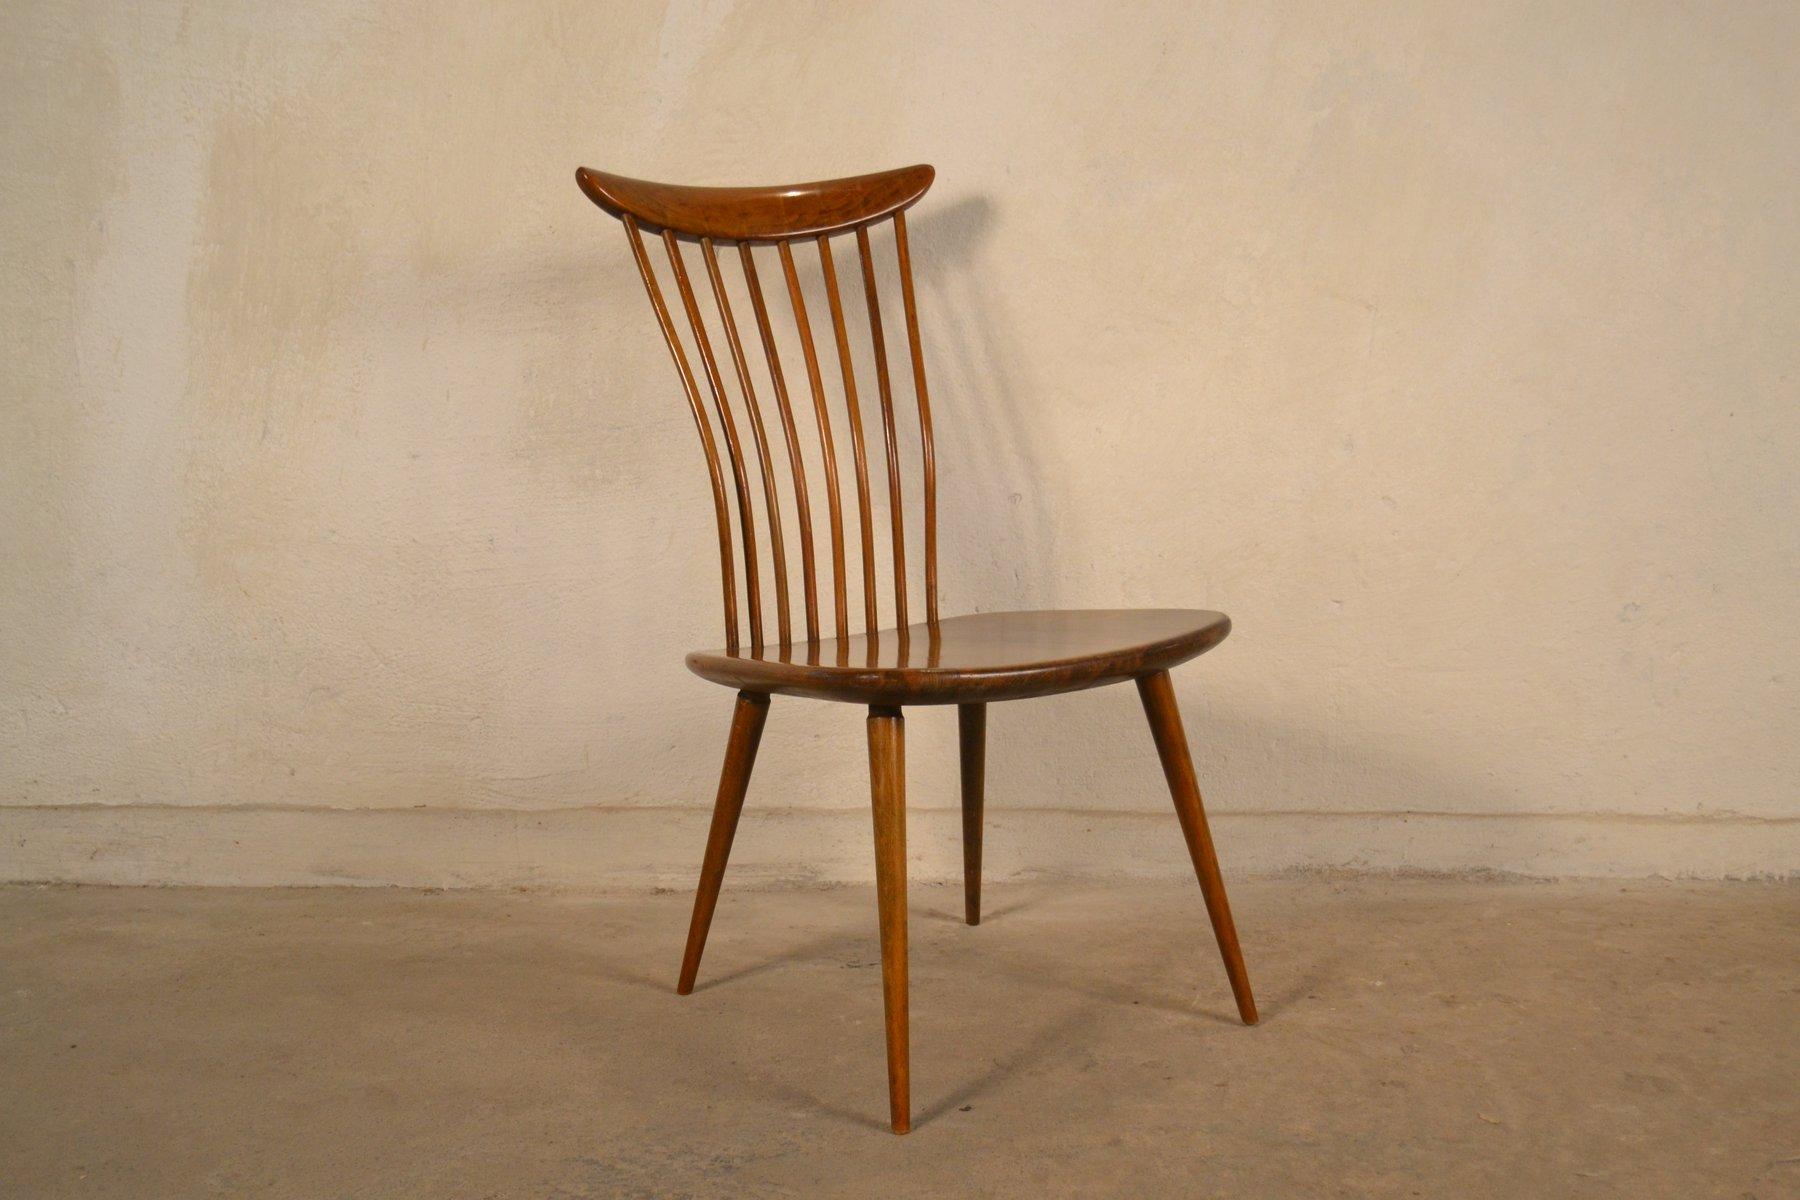 chaise d 39 appoint vintage par bengt akerblom gunnar ekl f pour akerblom 1950s en vente sur pamono. Black Bedroom Furniture Sets. Home Design Ideas